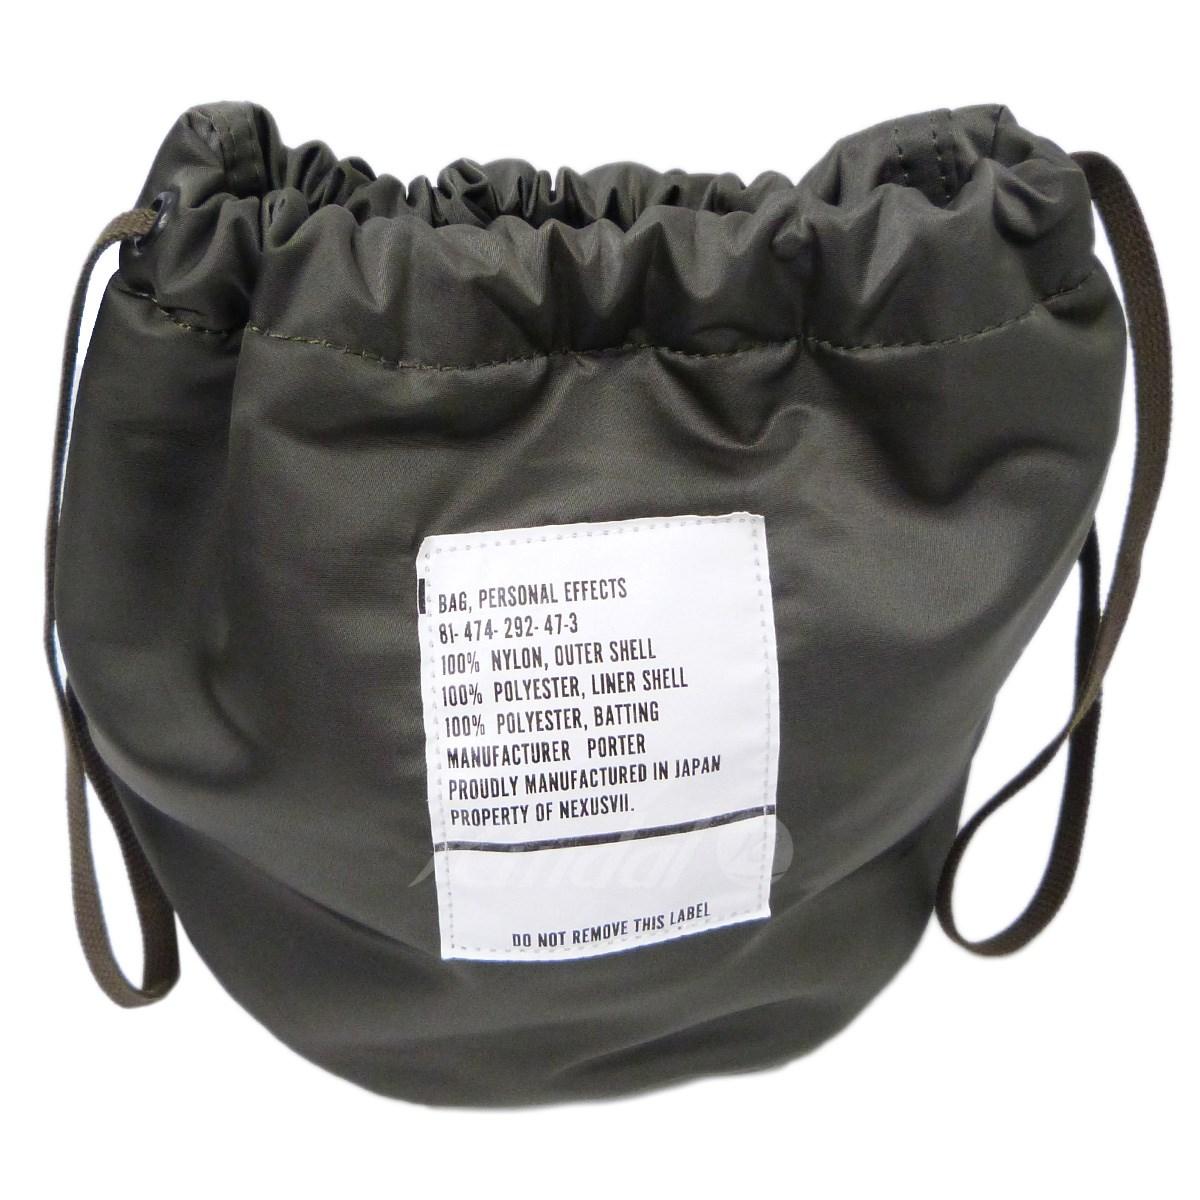 【中古】PORTER×NEXUS7 「PERSONAL EFFECTS BAG」タンカー巾着バッグ カーキ サイズ:- 【送料無料】 【031118】(ポーター×ネクサスセブン)